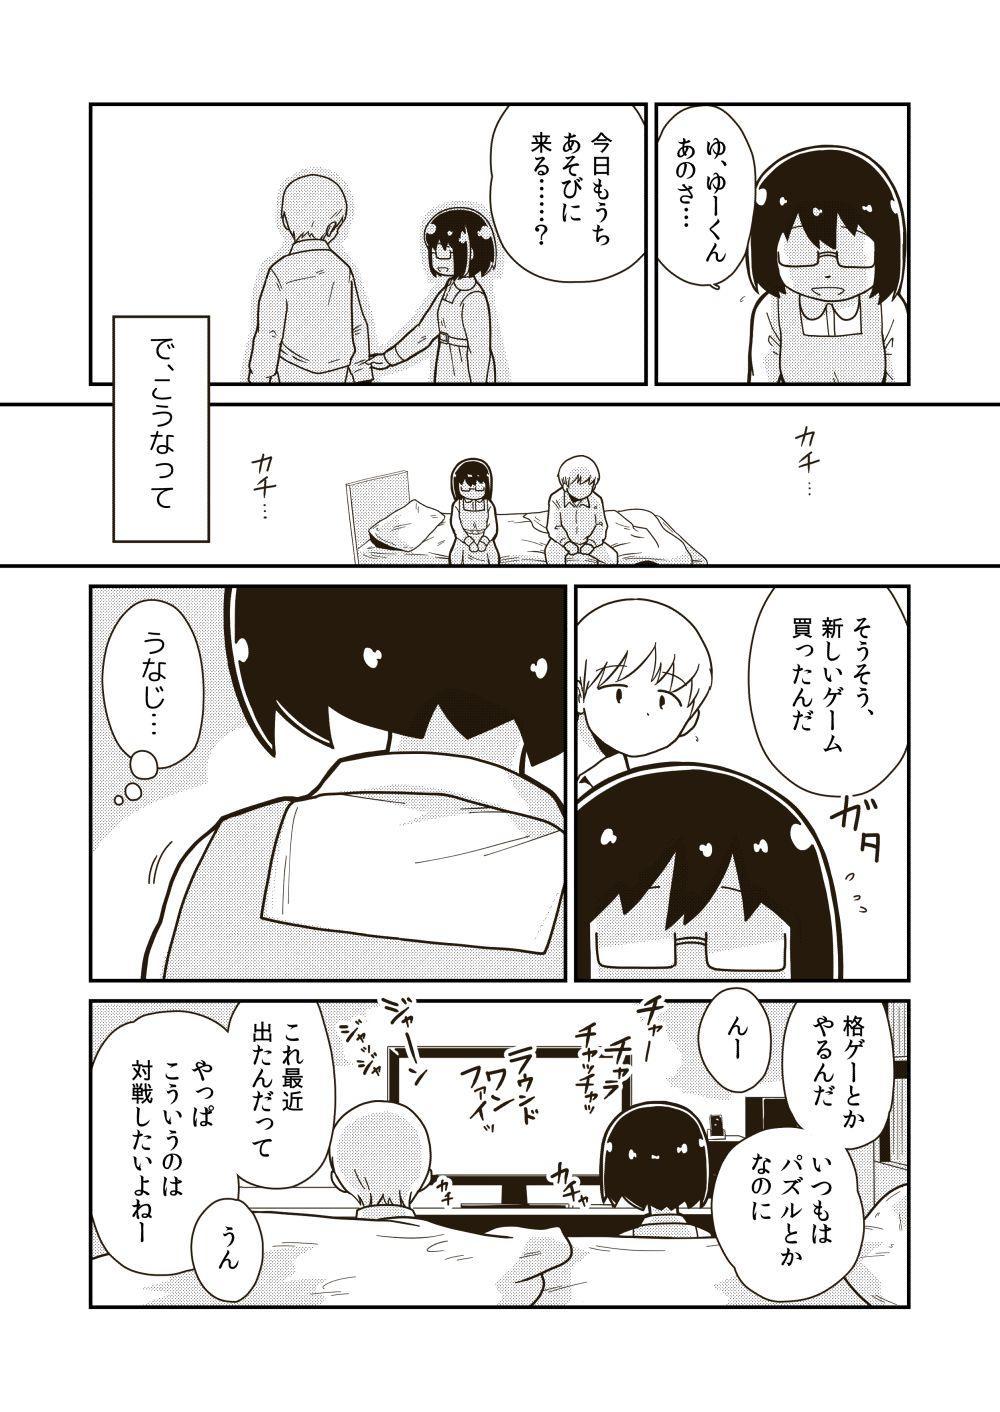 Futari no Hajimete 2